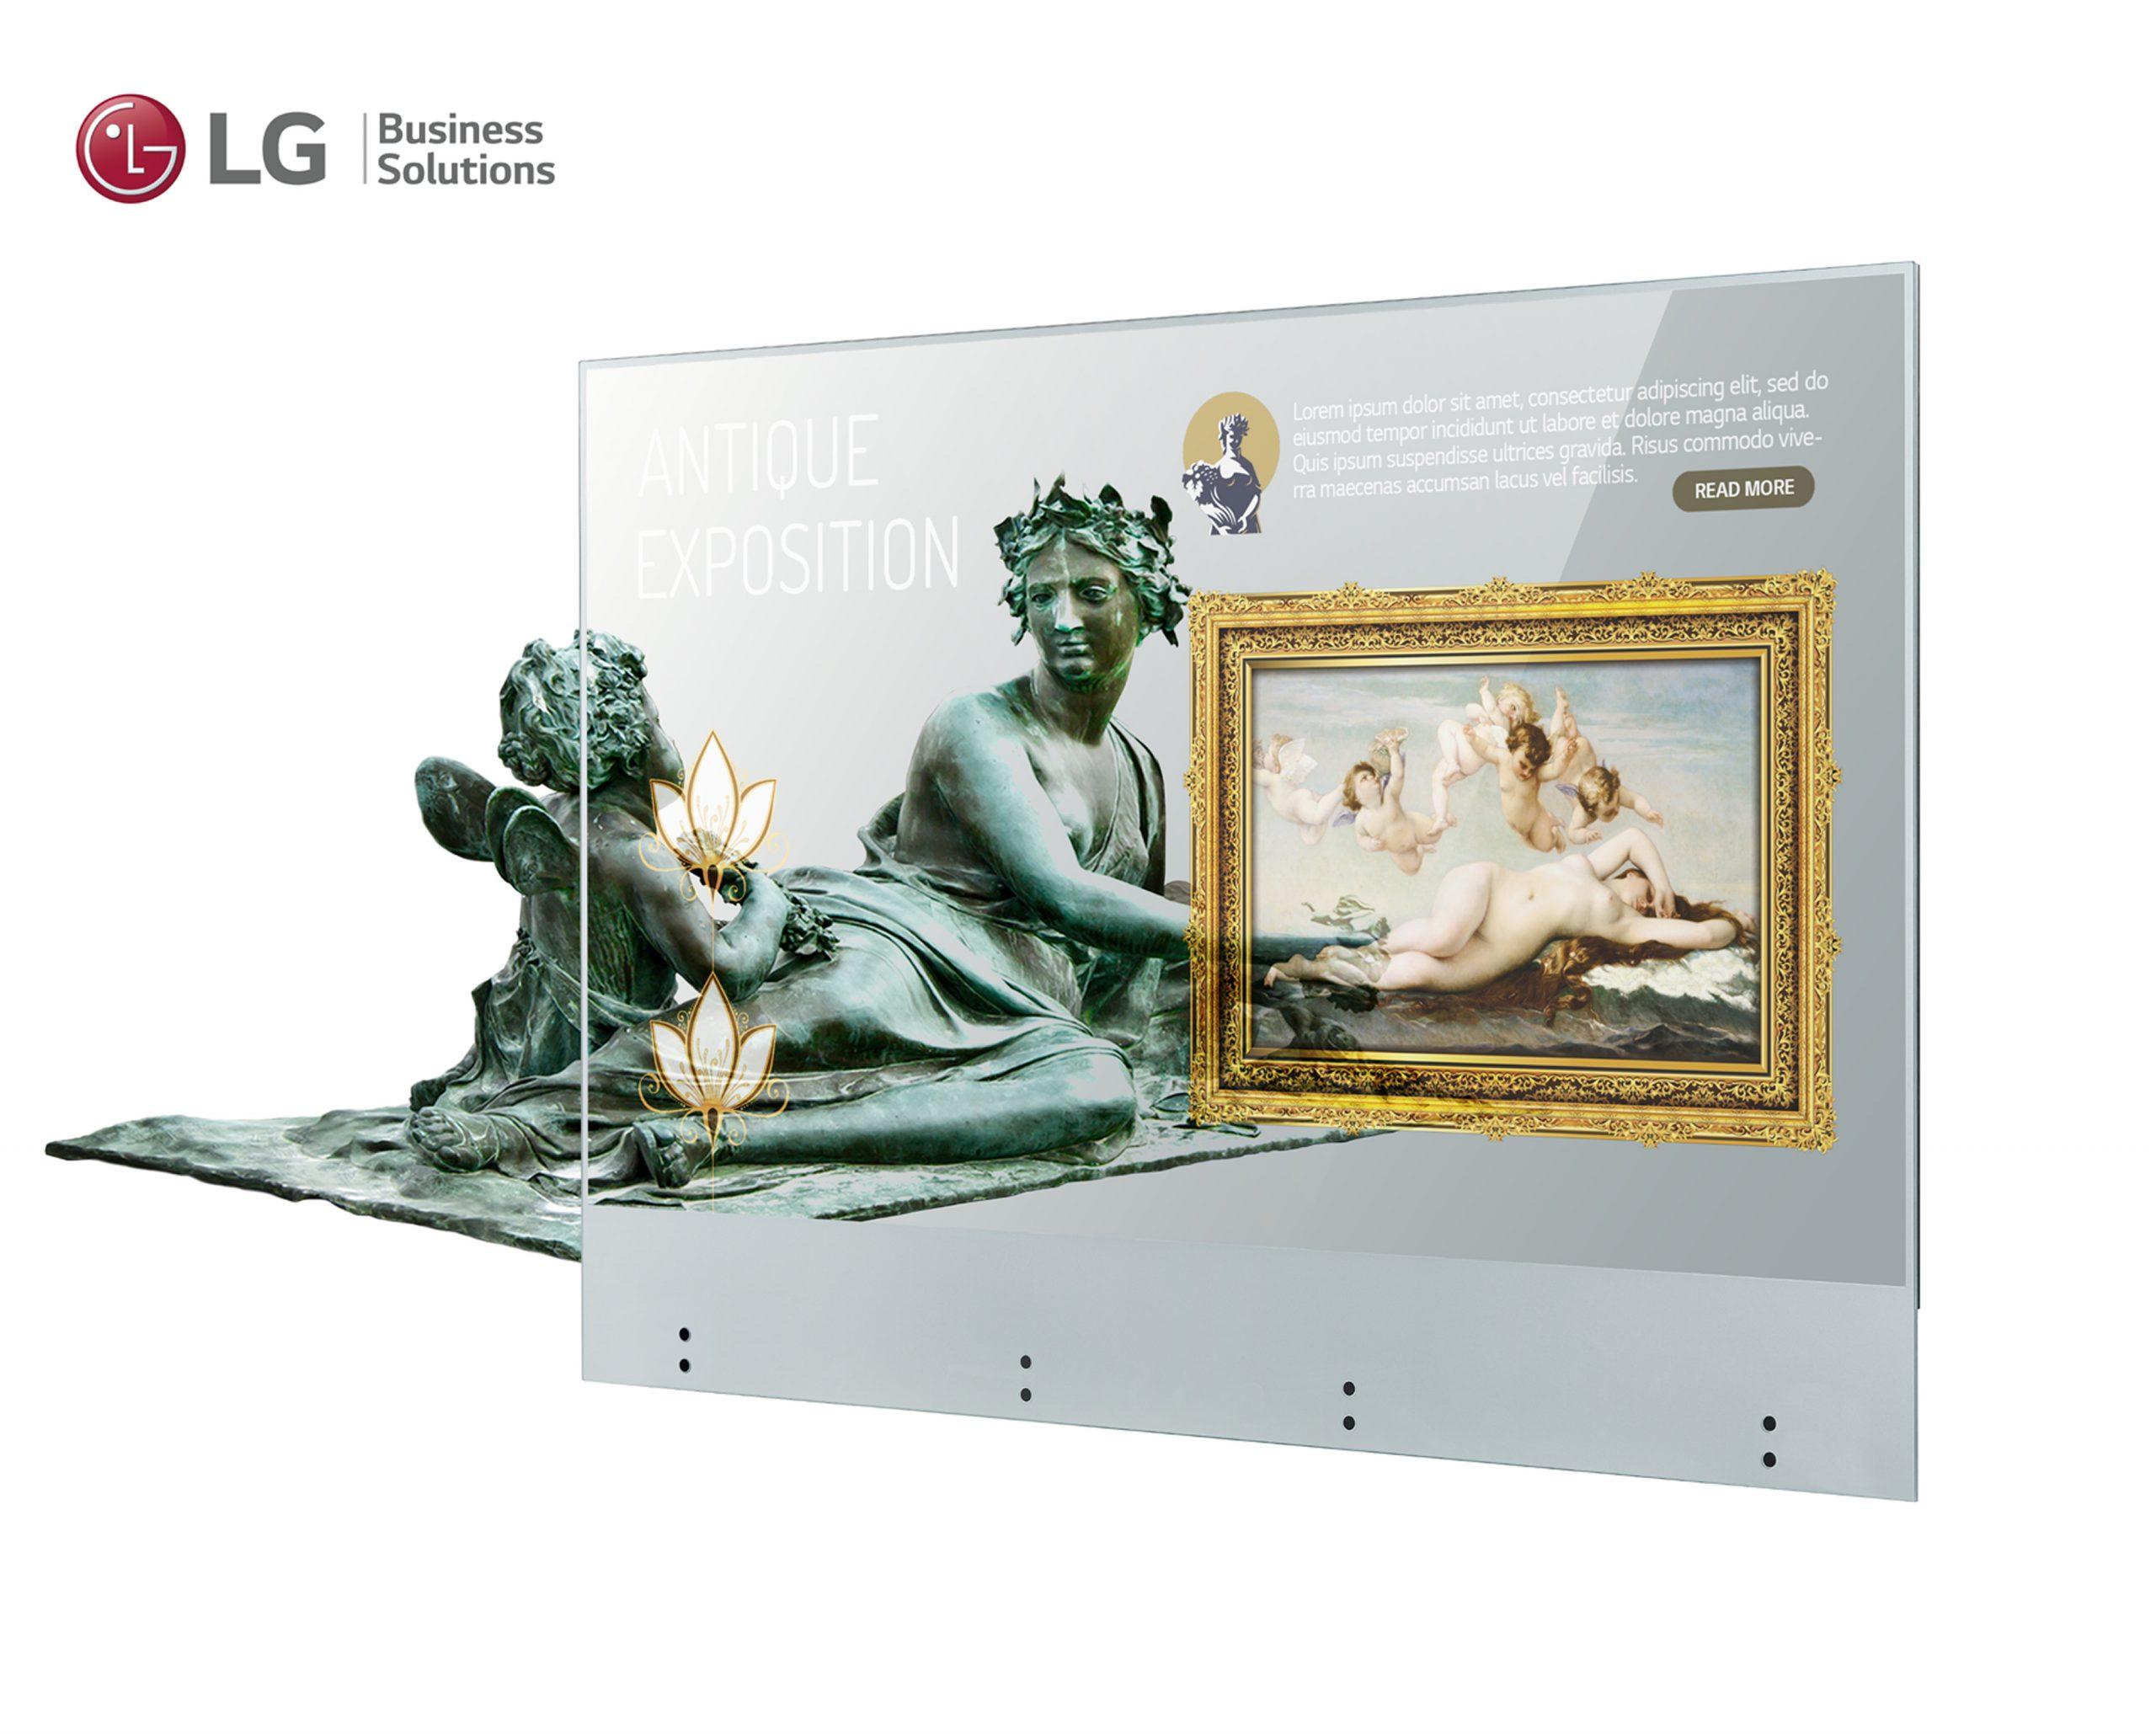 LG OLED Transparent Touch ufficiale: il futuro del digital signage passa da qui 1